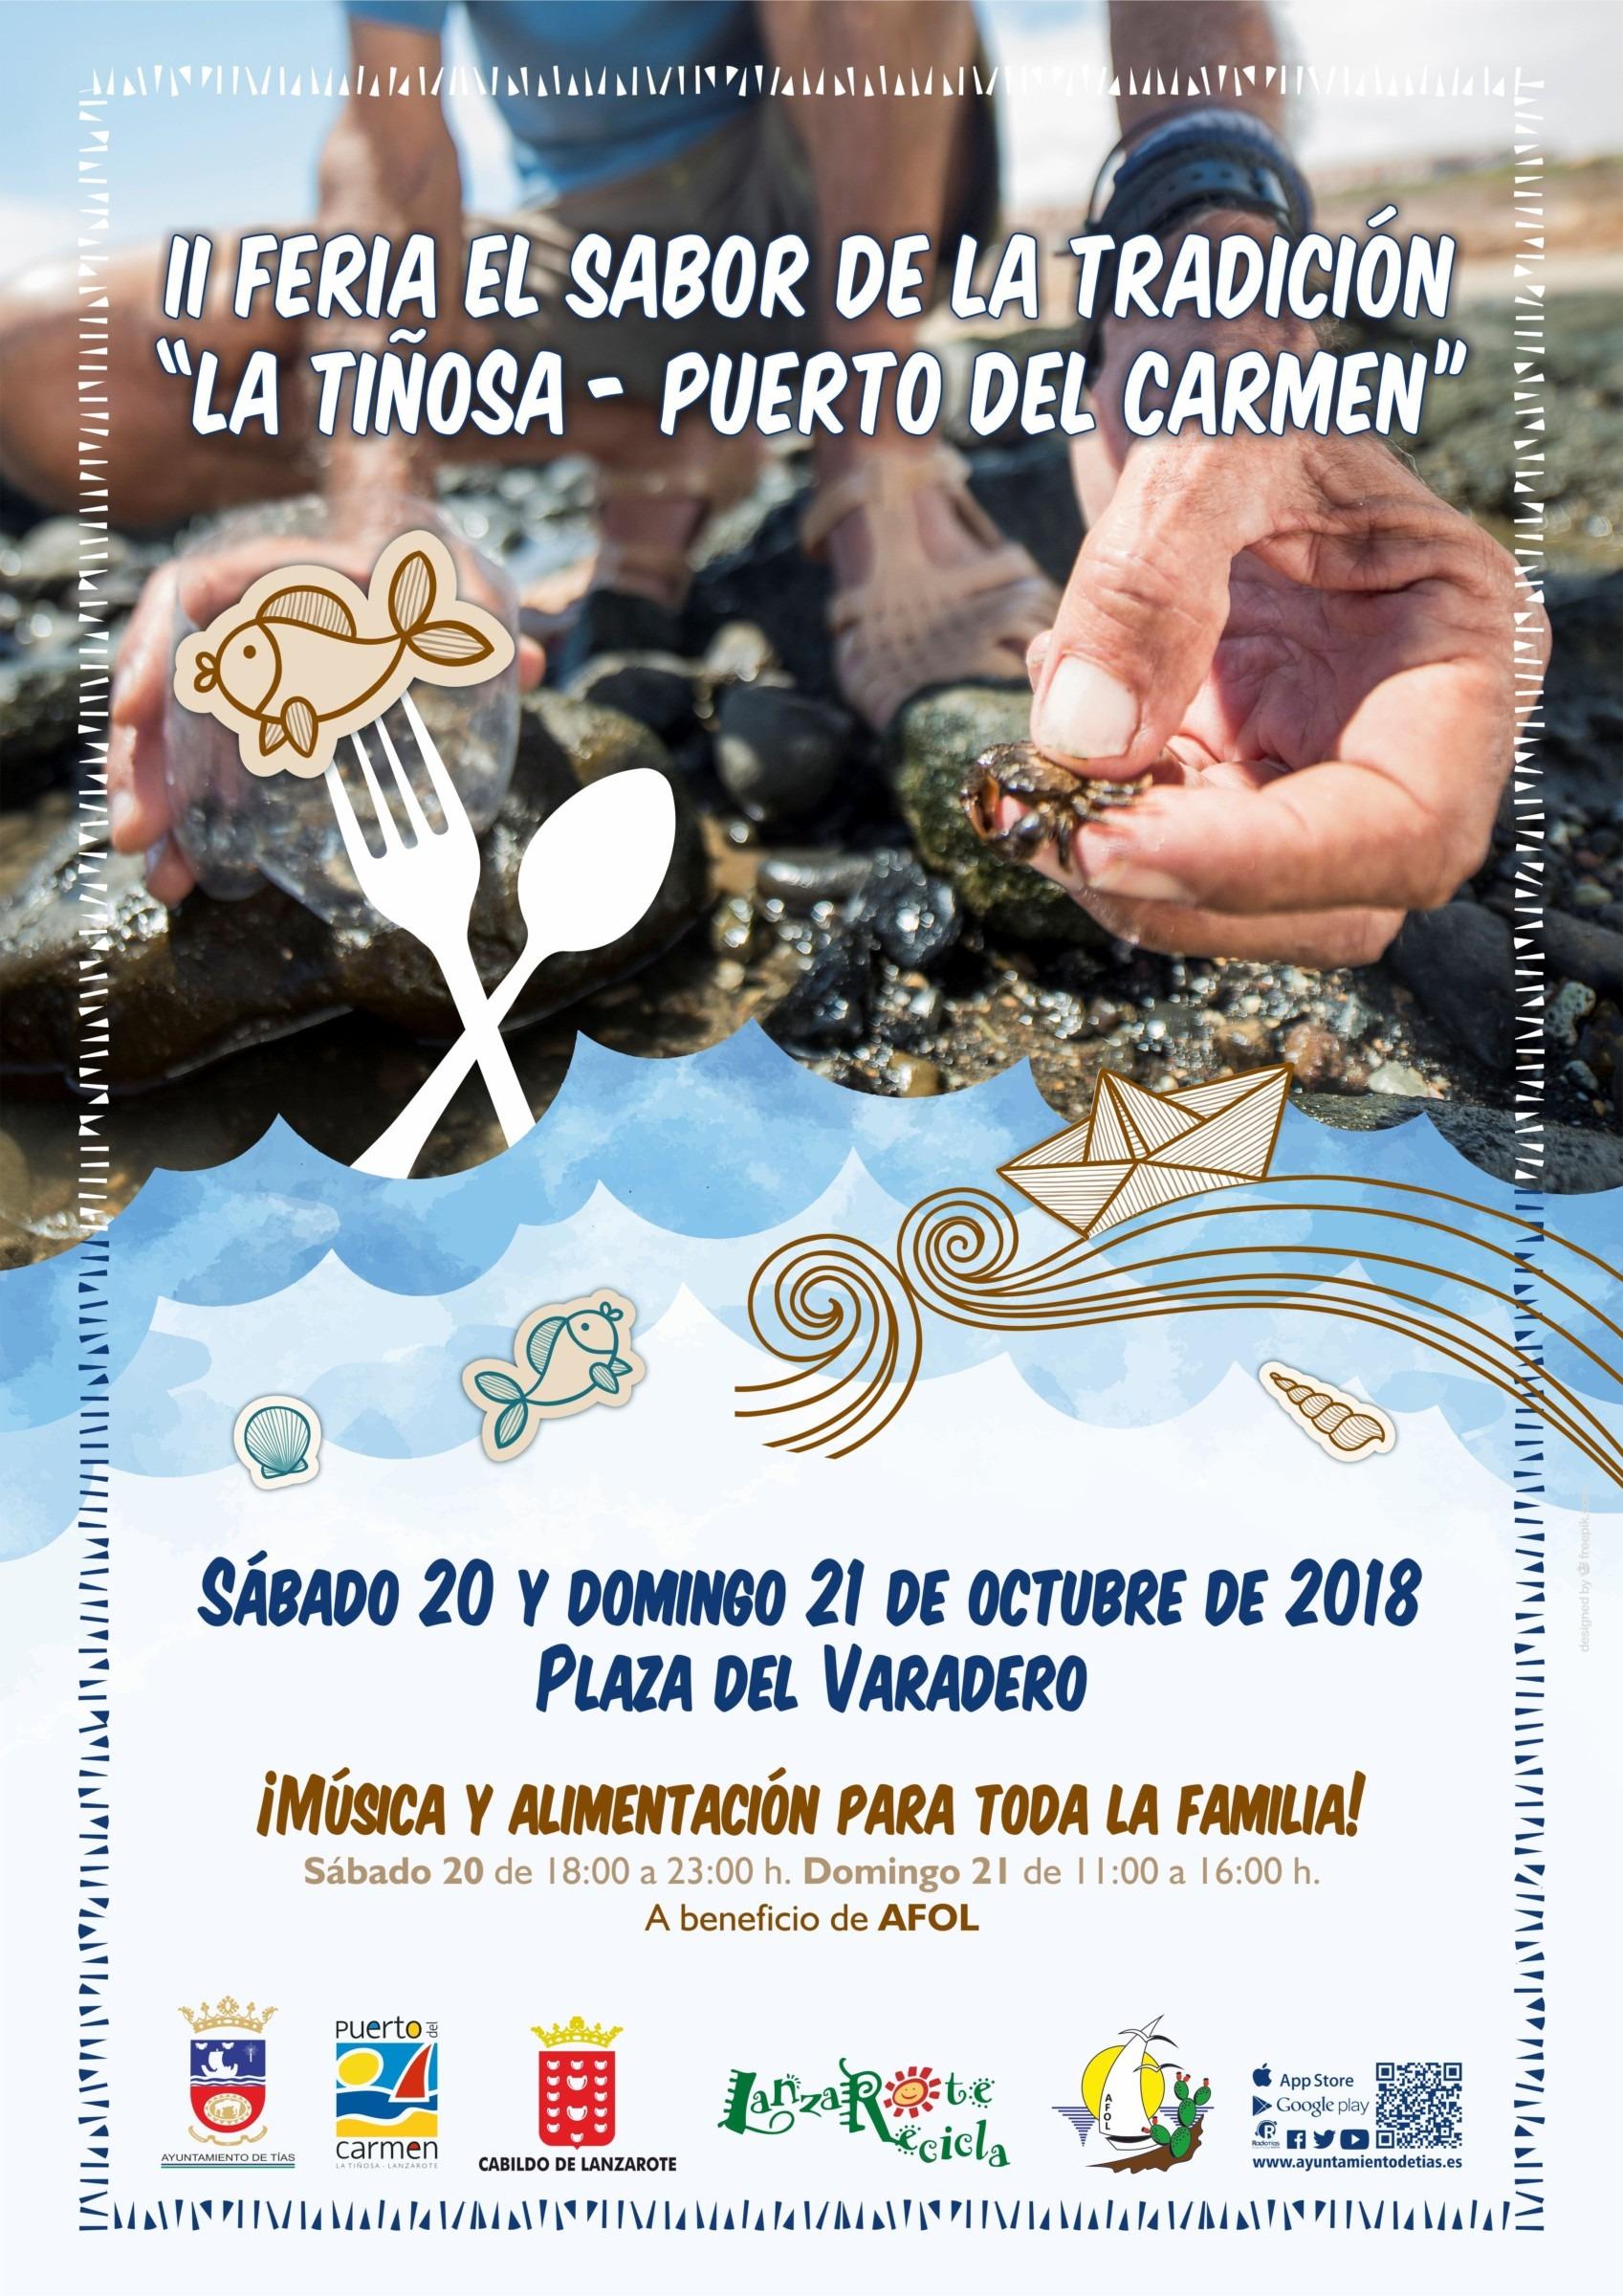 II-Feria-El-Sabor-de-La-Tradición-La-Tiñosa-Puerto-del-Carmen-2018